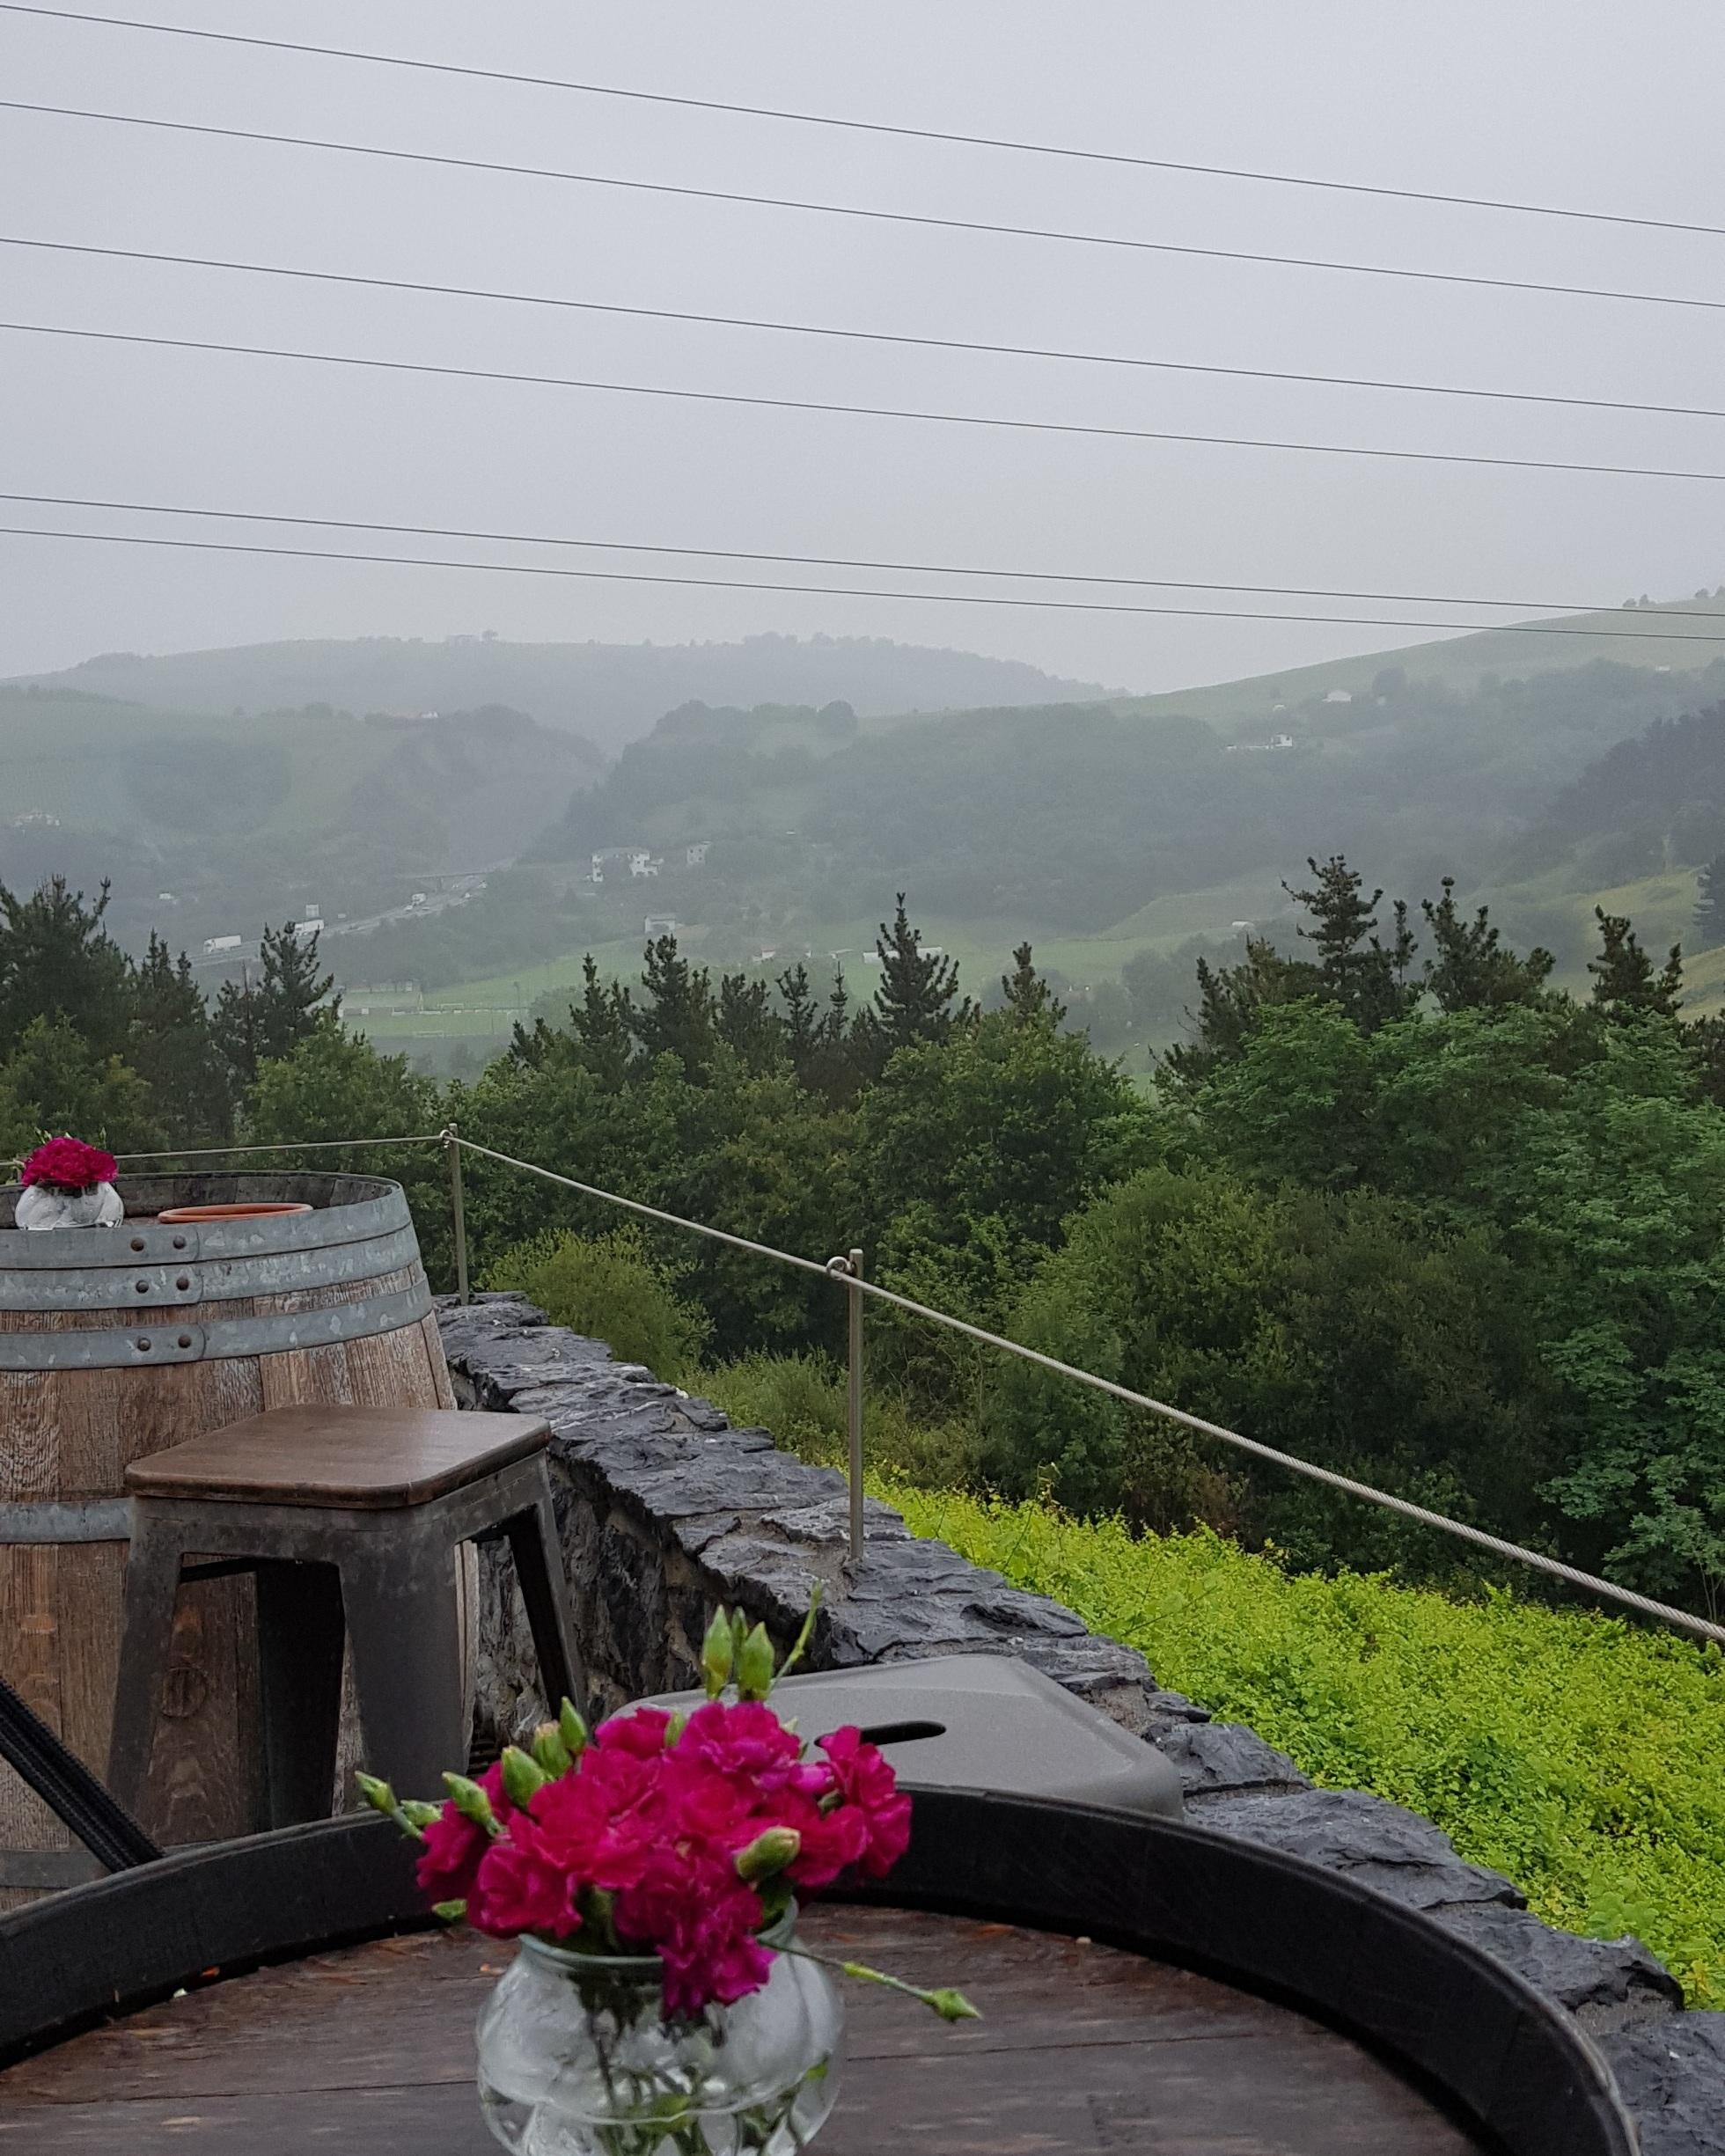 Overlooking the vines from Bodega Rezebal's terrace